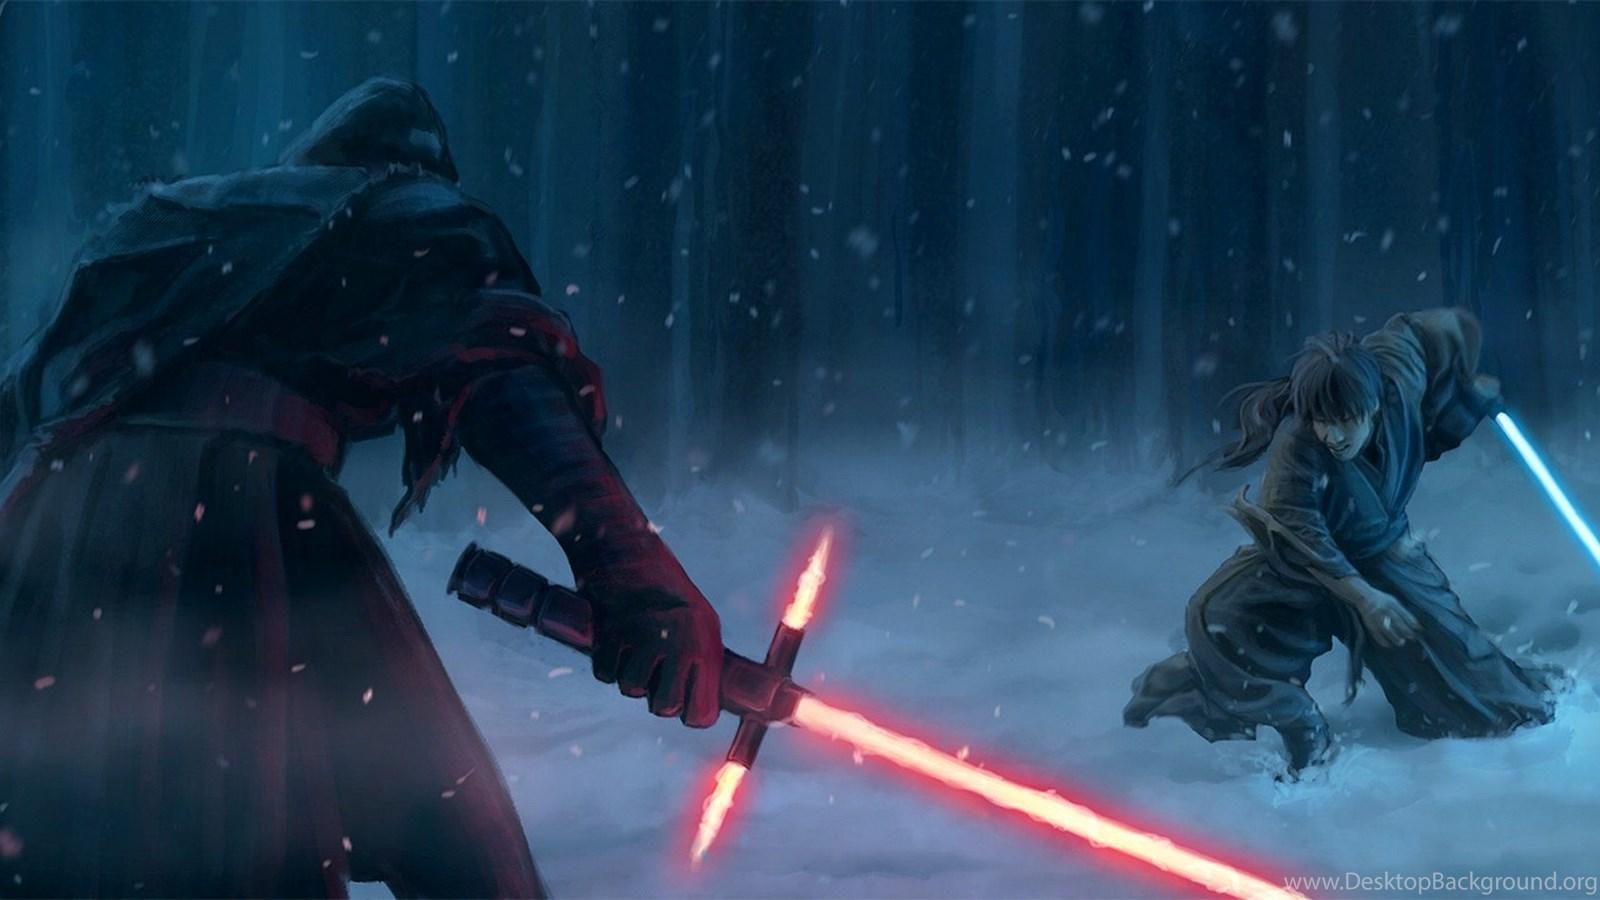 Star Wars Fan Art For Ep 7 Sith Vs Jedi Wallpapers Desktop Background